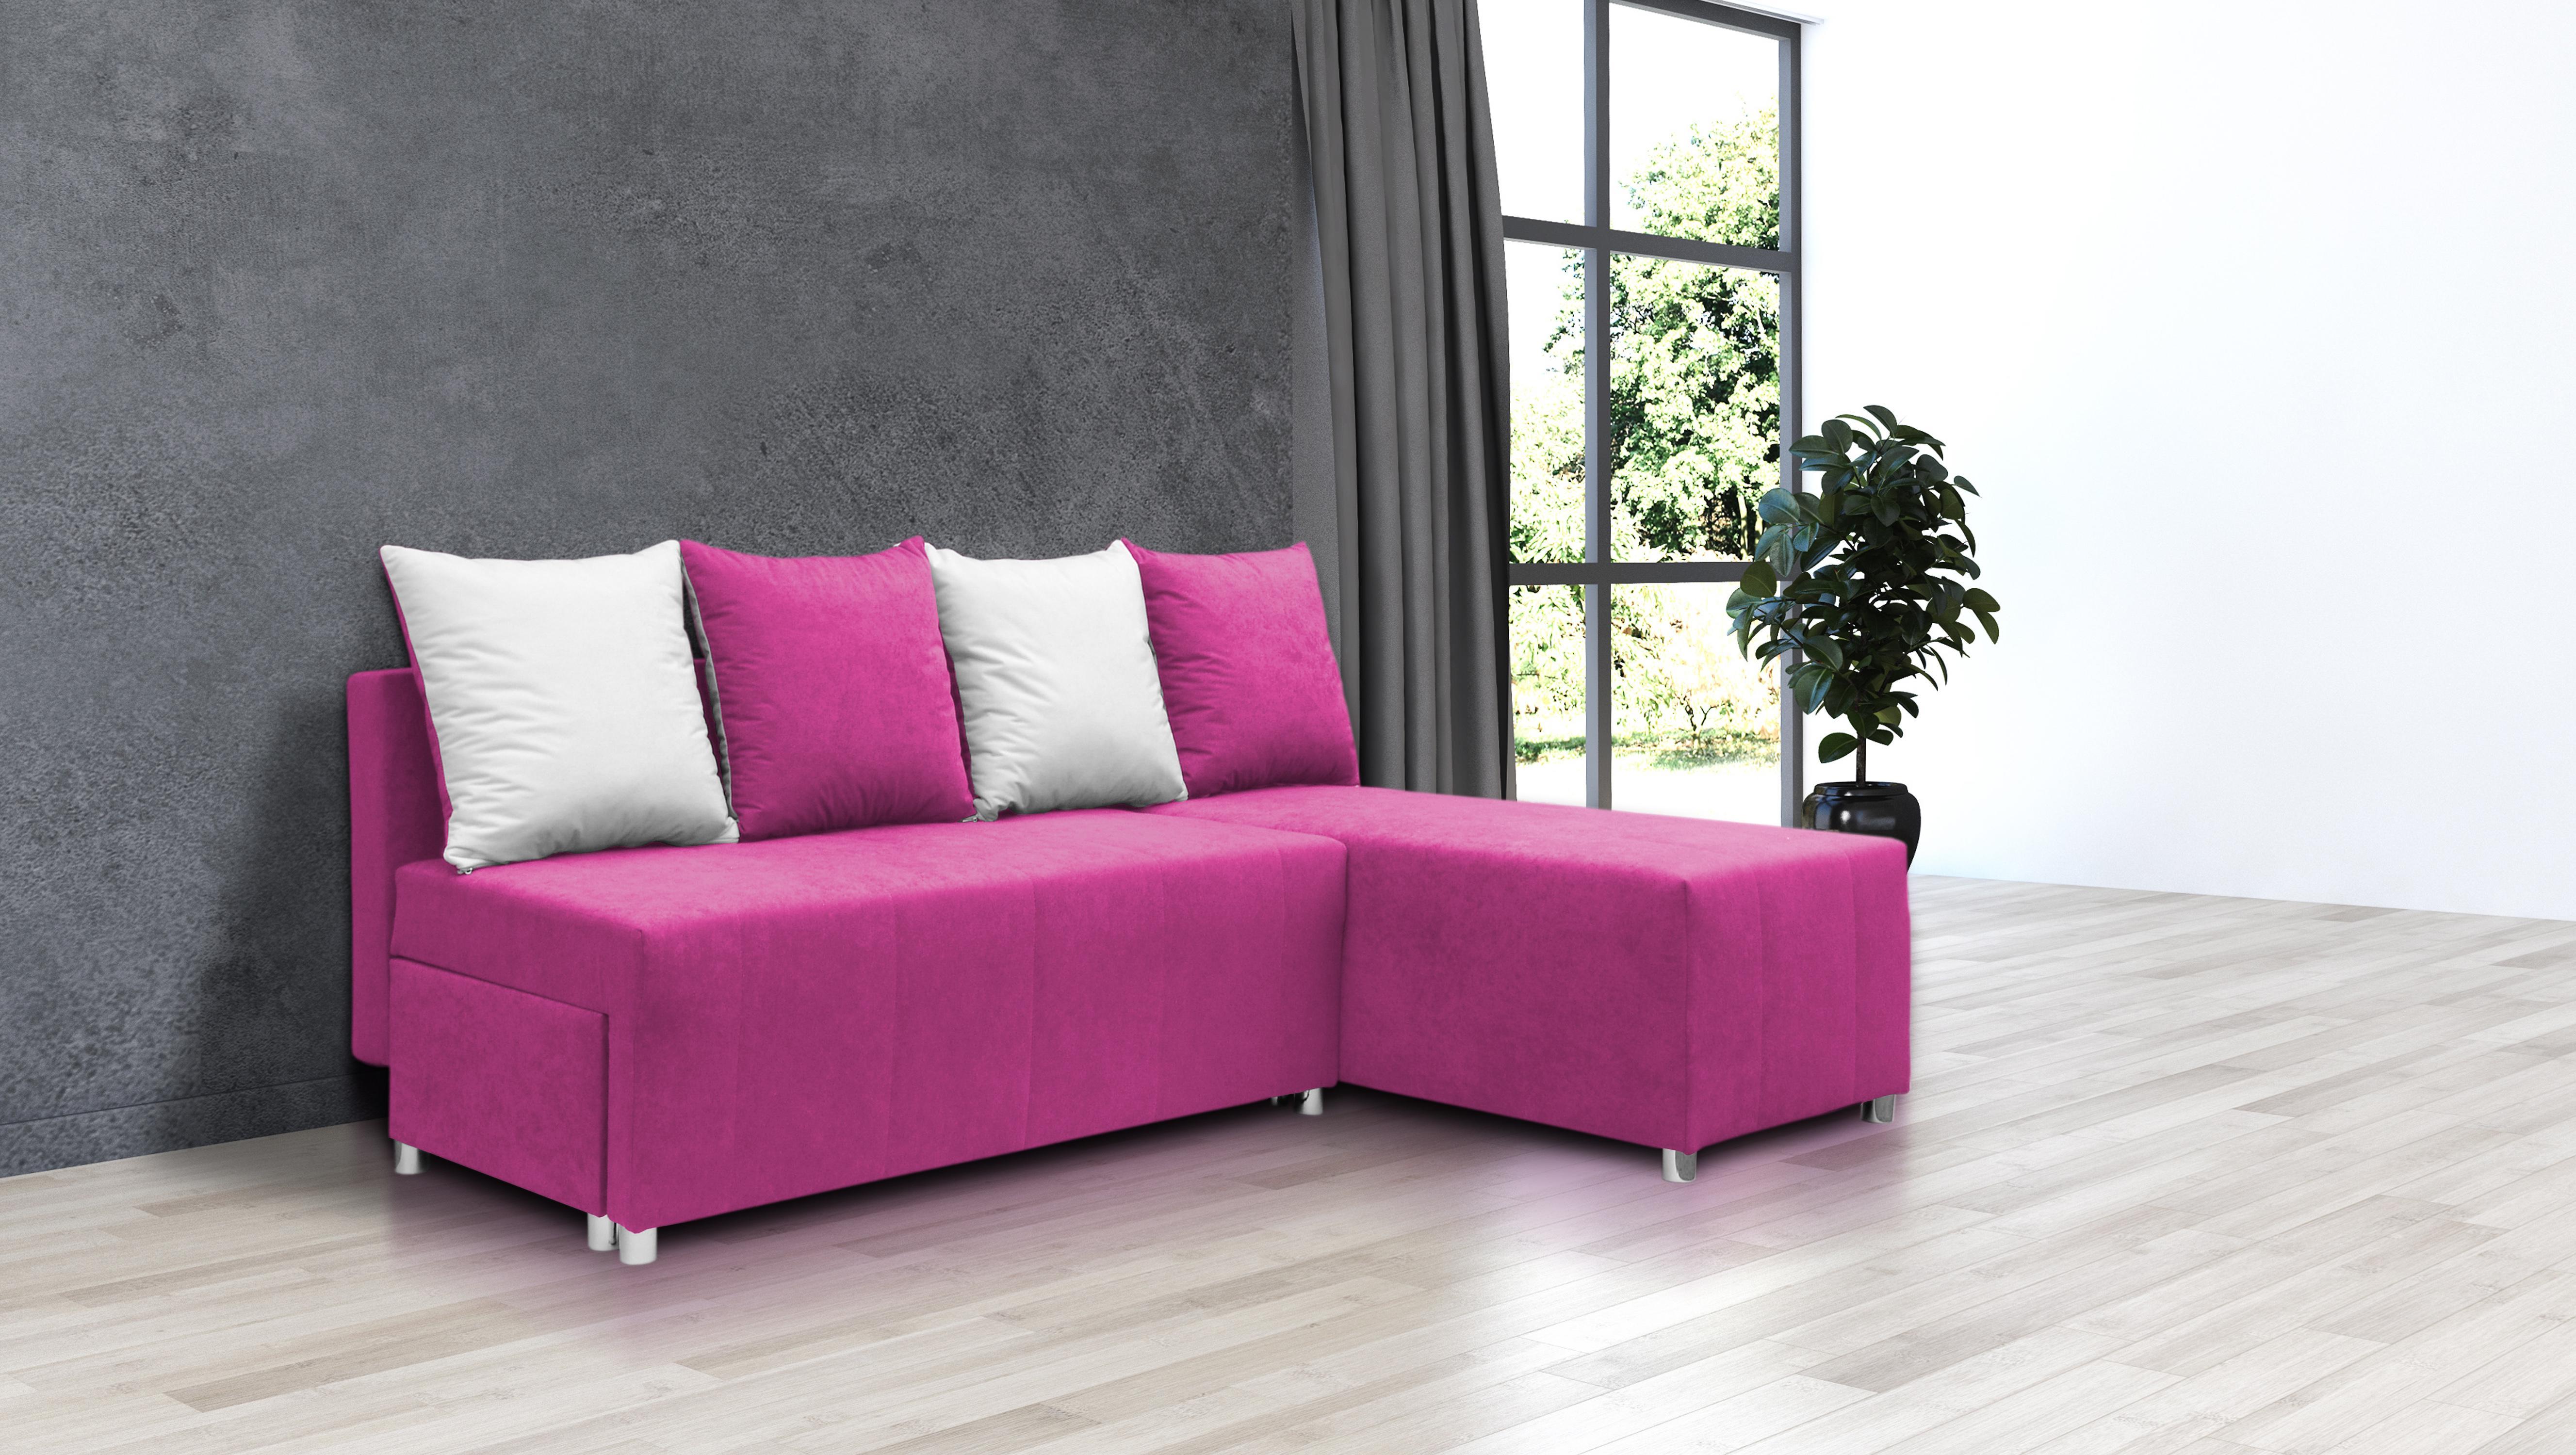 Rohová sedací souprava - Briston (růžová + polštáře)